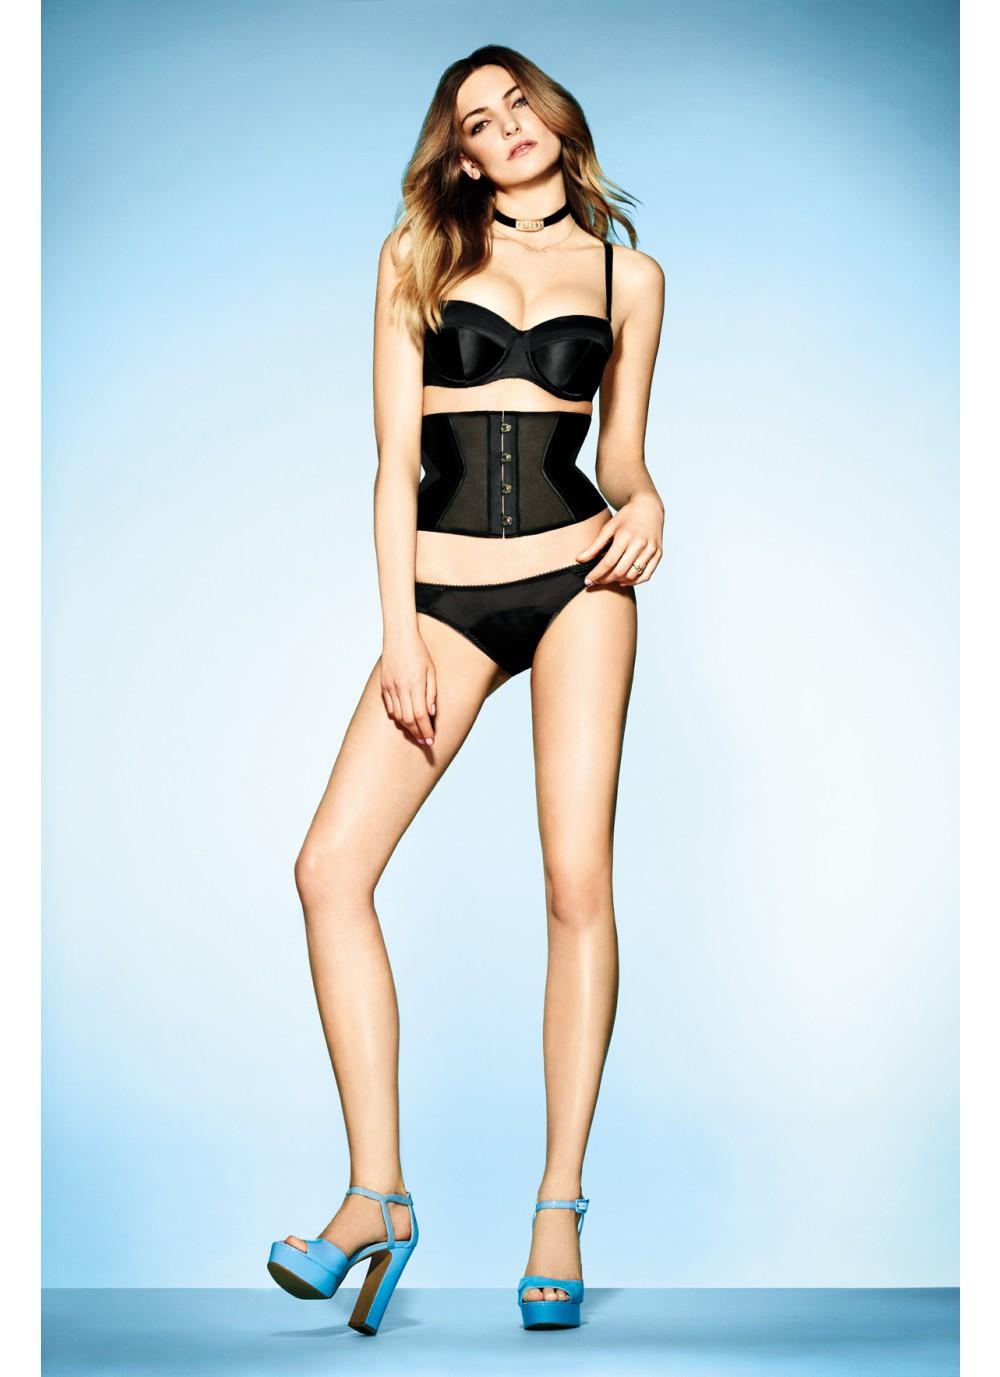 Серия нижнего белья Penelope от L'Agent. Стоимость бра – 5 540 руб.